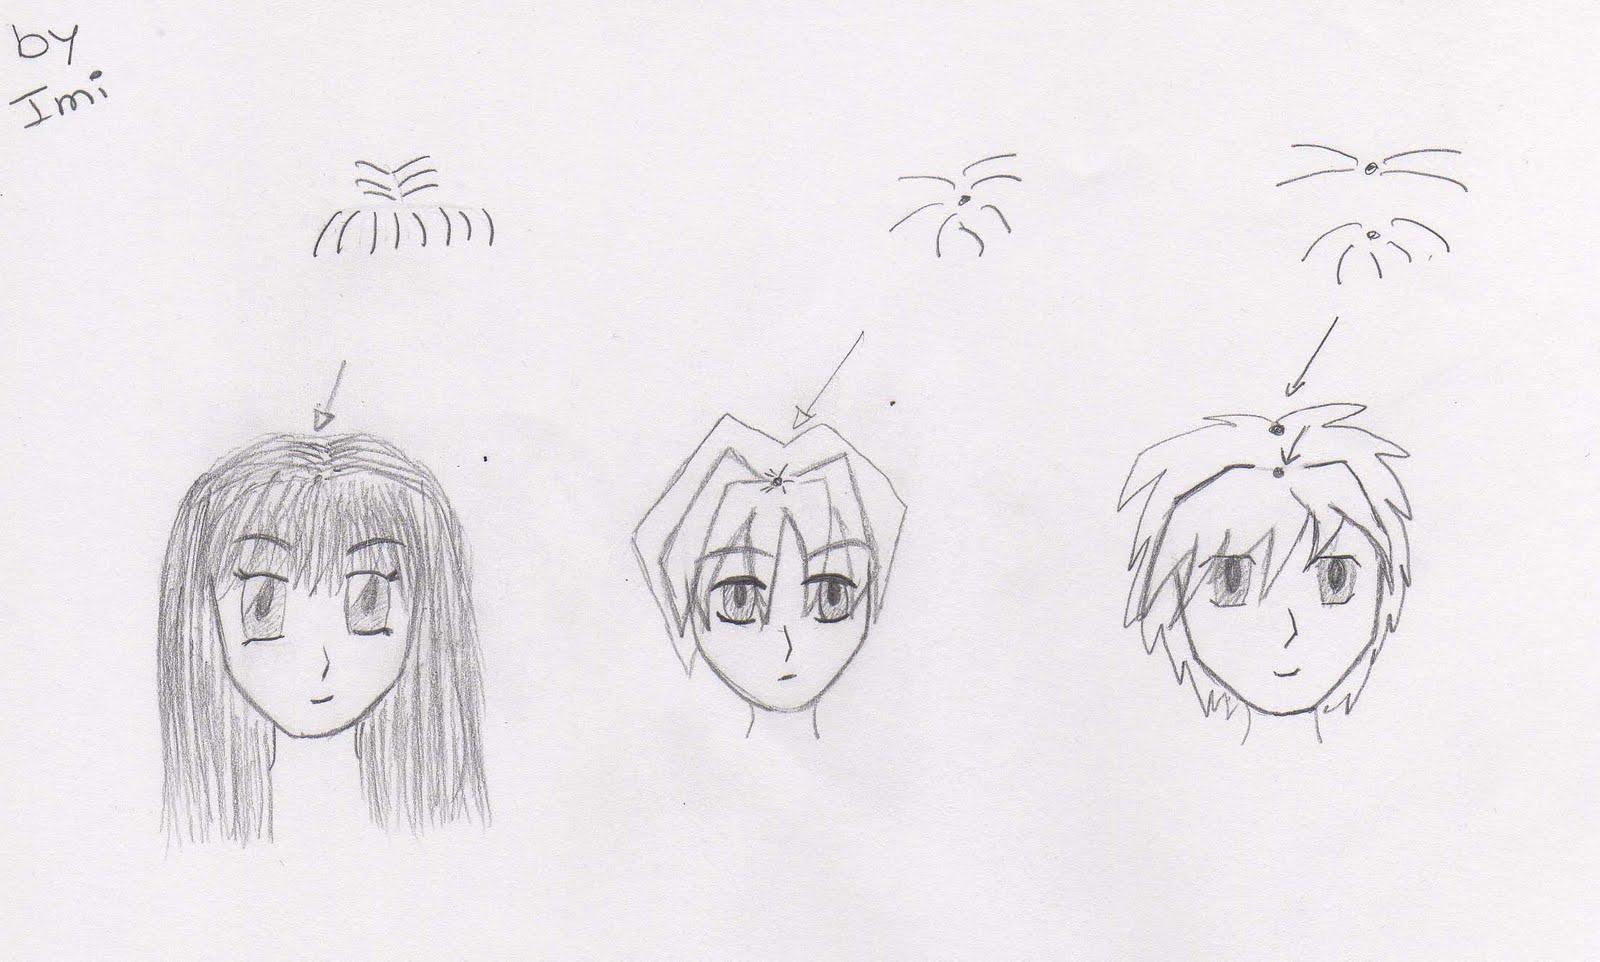 ... como se ve en el ejemplo se nota que dibujar el pelo no es mi fuerte